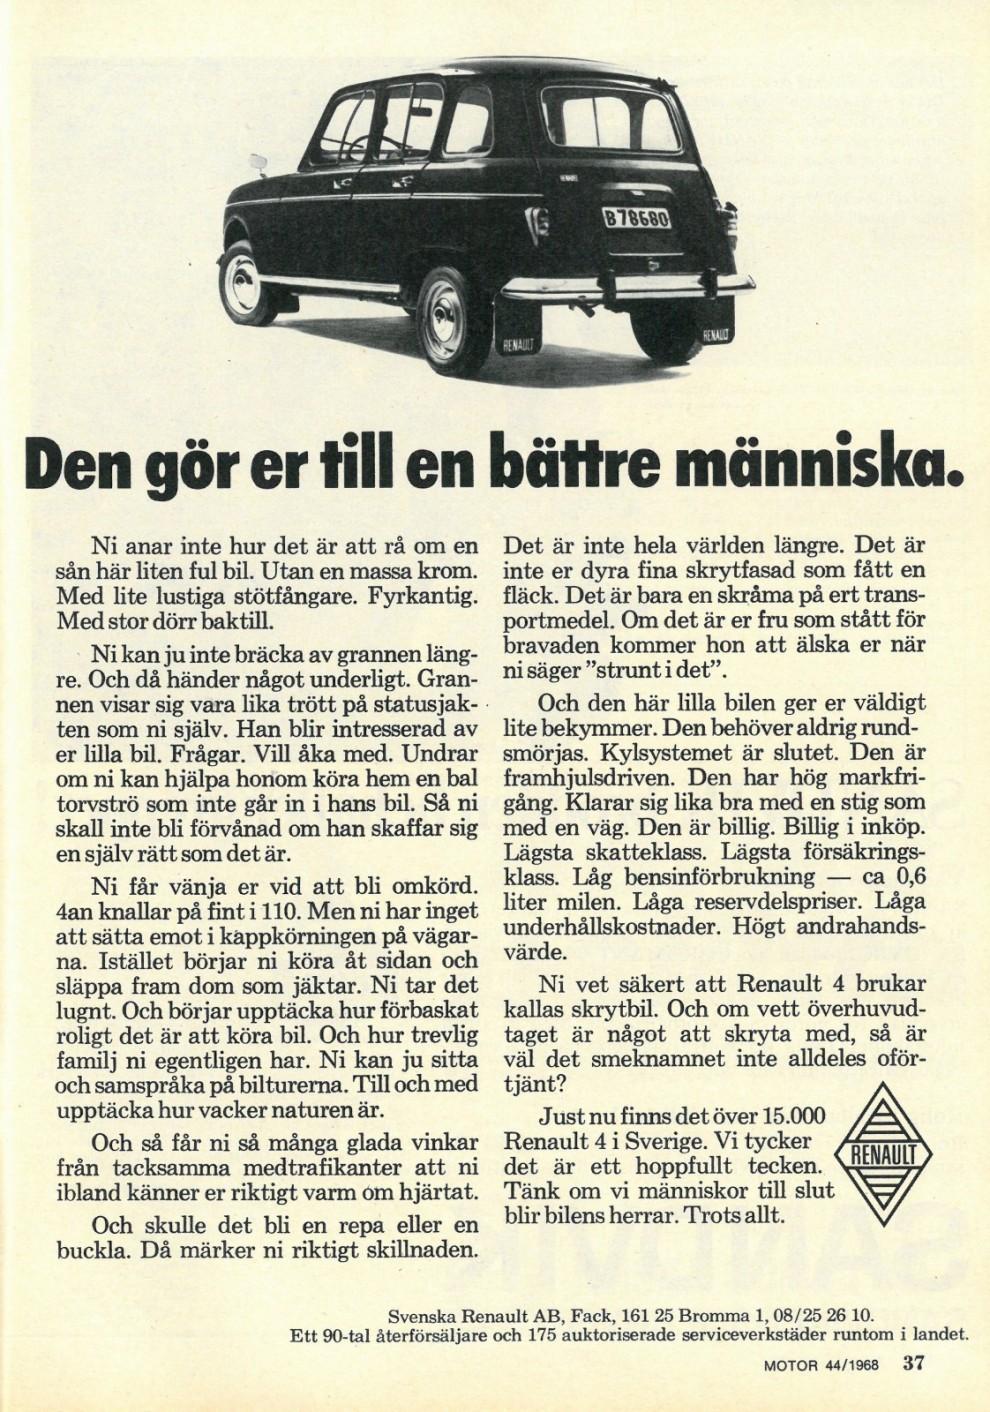 Renault satsade hela 1960-talet på epokgörande reklam och det smittade av sig på hela branschen. Men grundgreppet kom från den amerikanska VW-kampanjen.